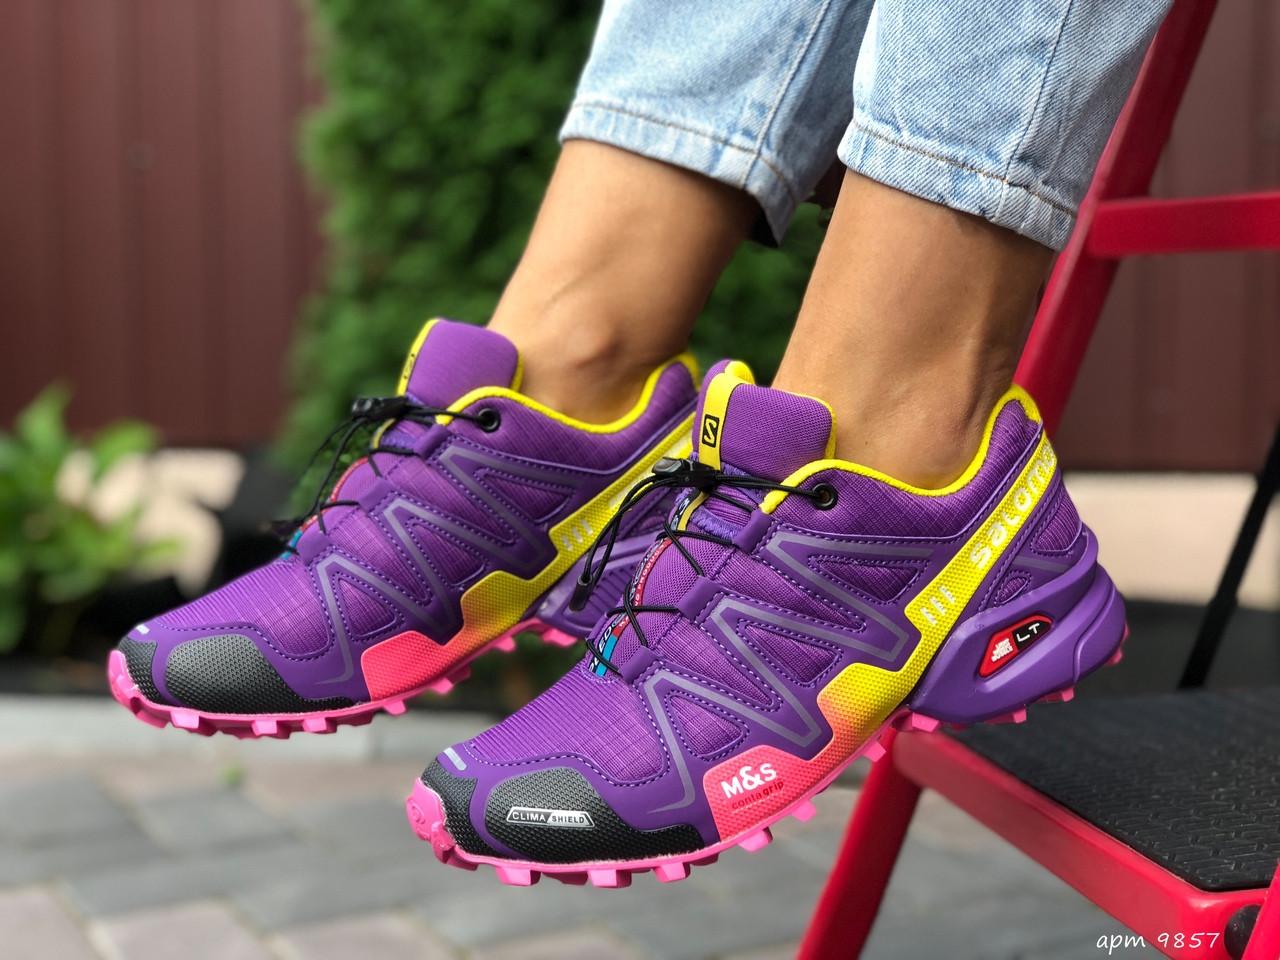 Salomon женские демисезонные фиолетовые с желтым кроссовки на шнурках